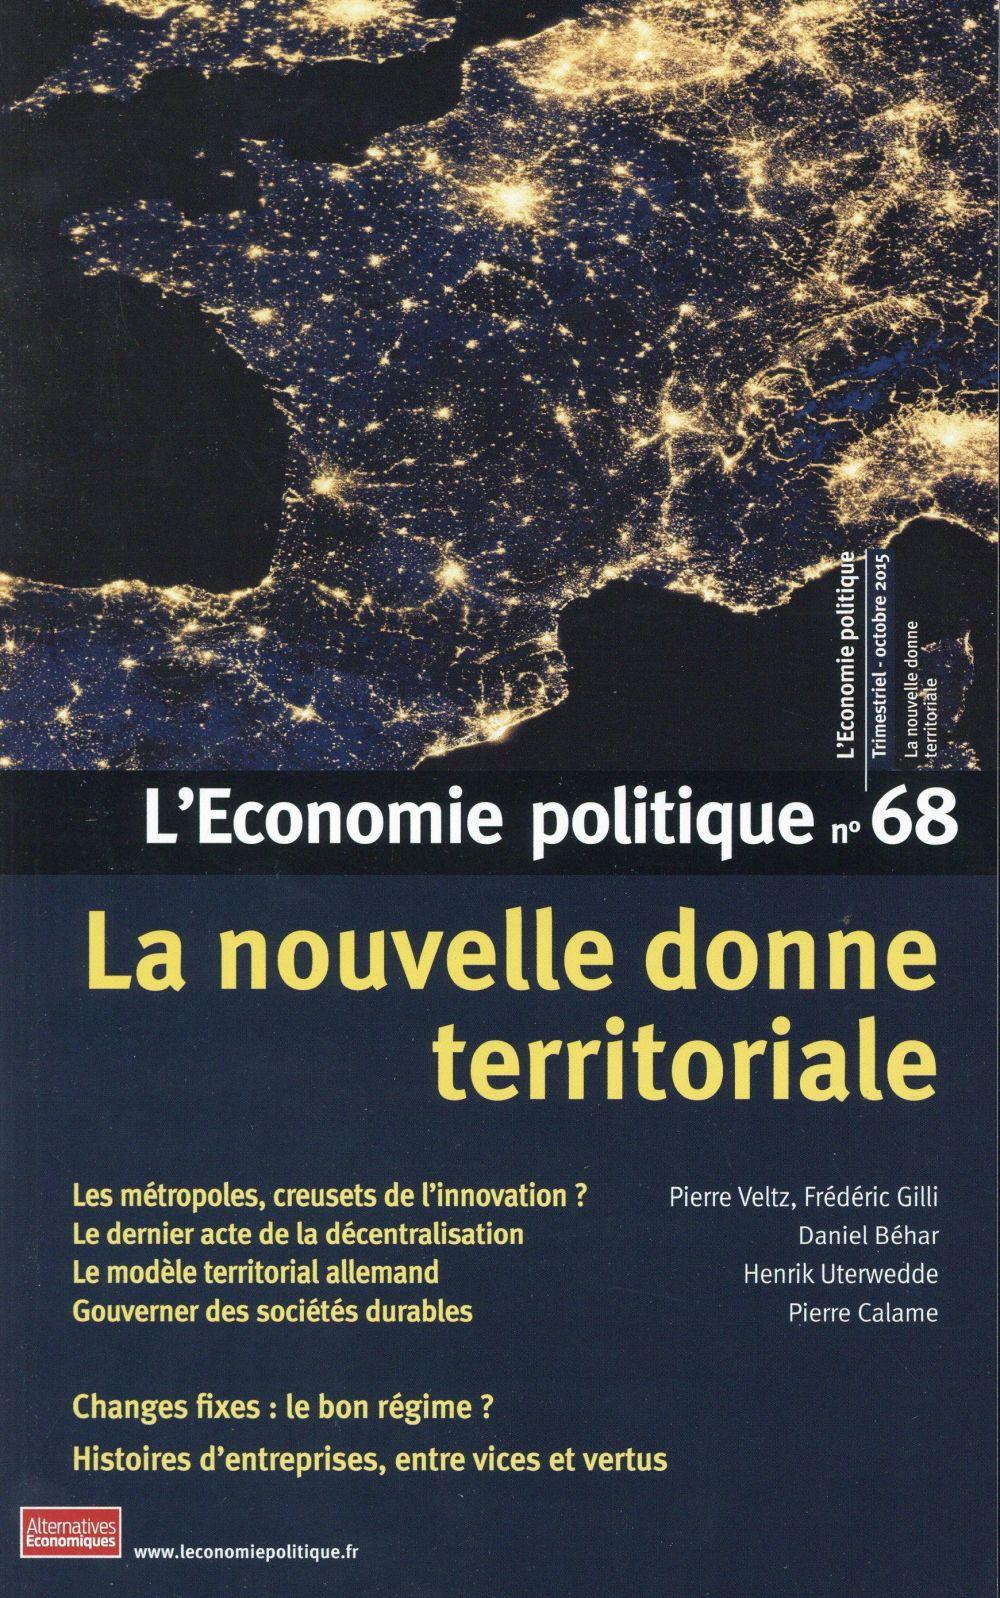 L'ECONOMIE POLITIQUE - NUMERO 68 - REVUE TRIMESTRIELLE OCTOBRE 2015